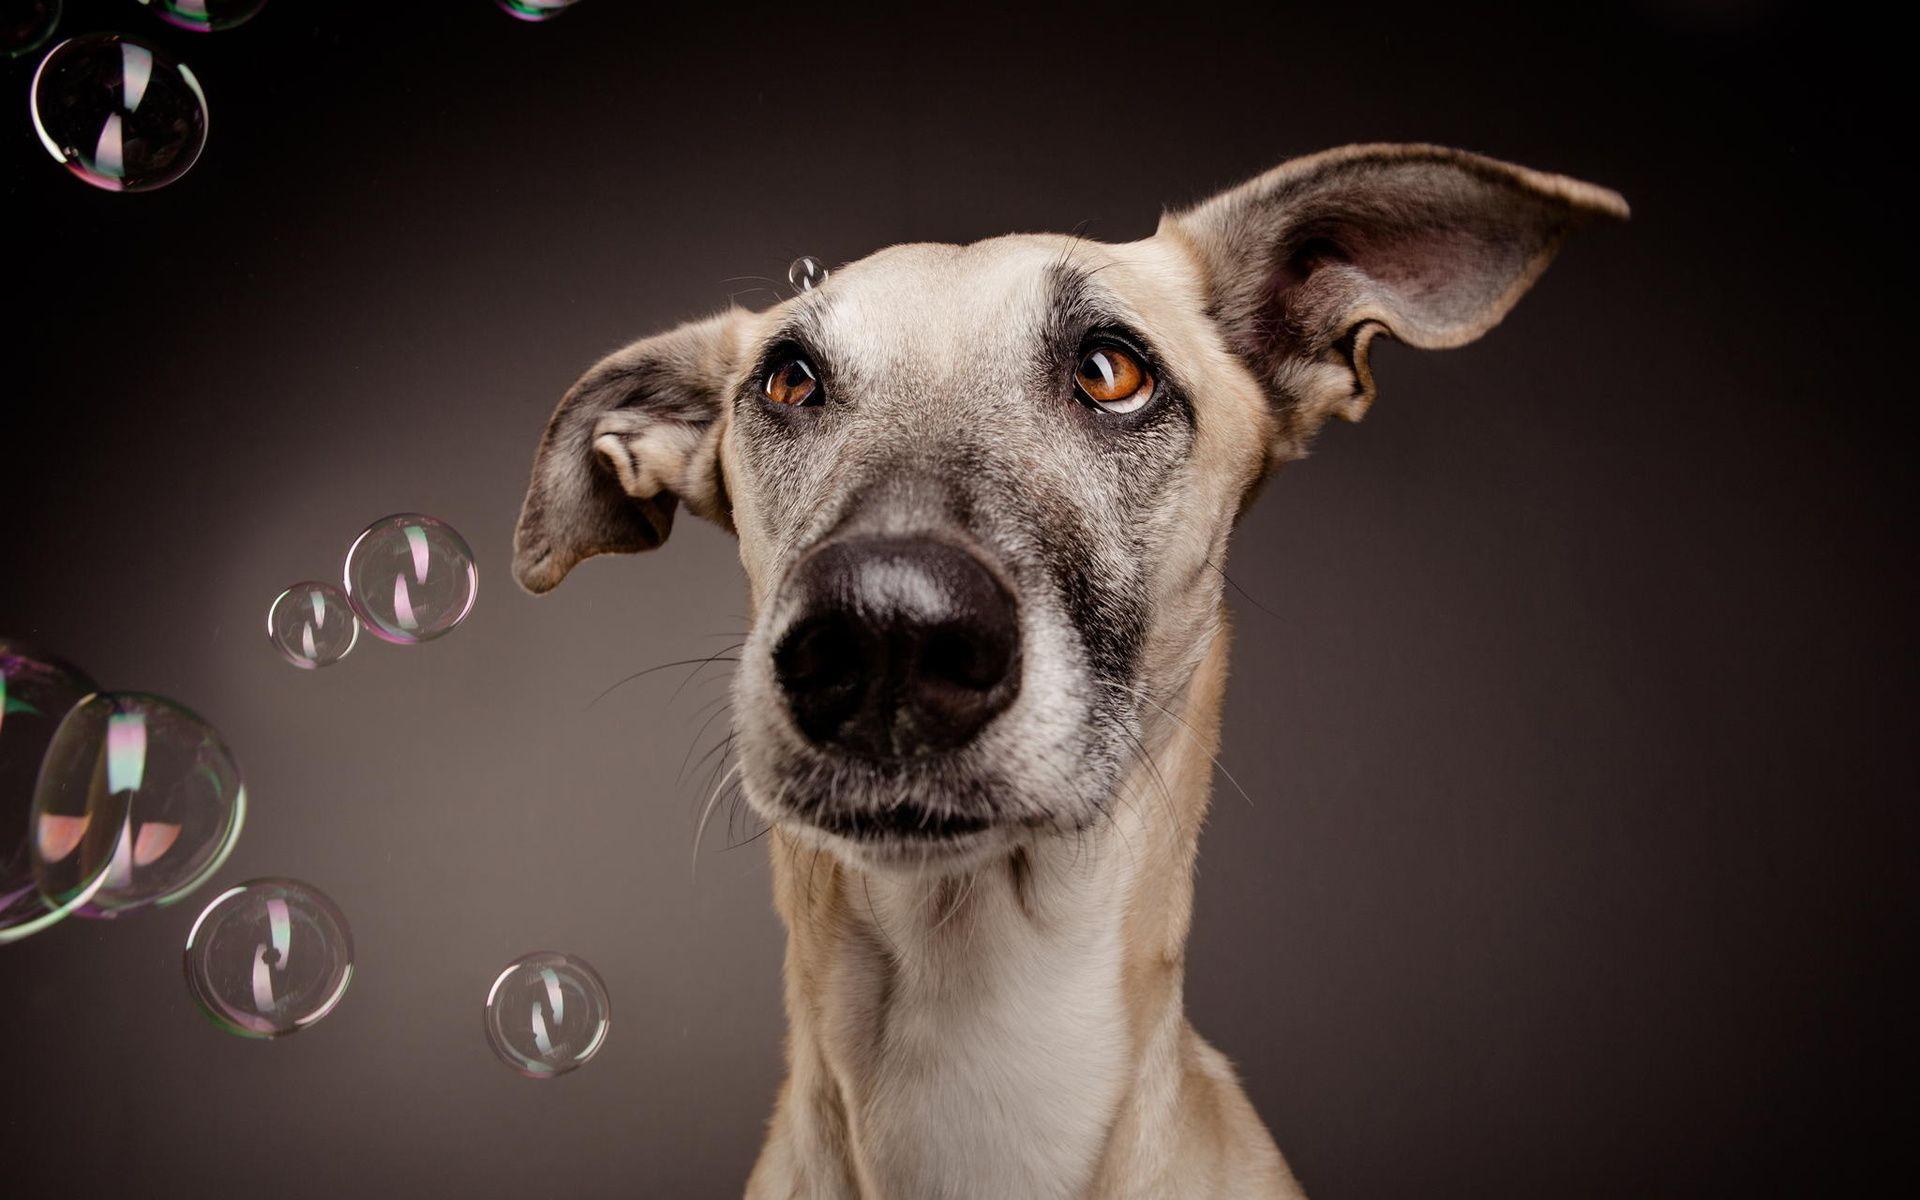 дилерскую смешные обои на рабочий стол с собаками многие